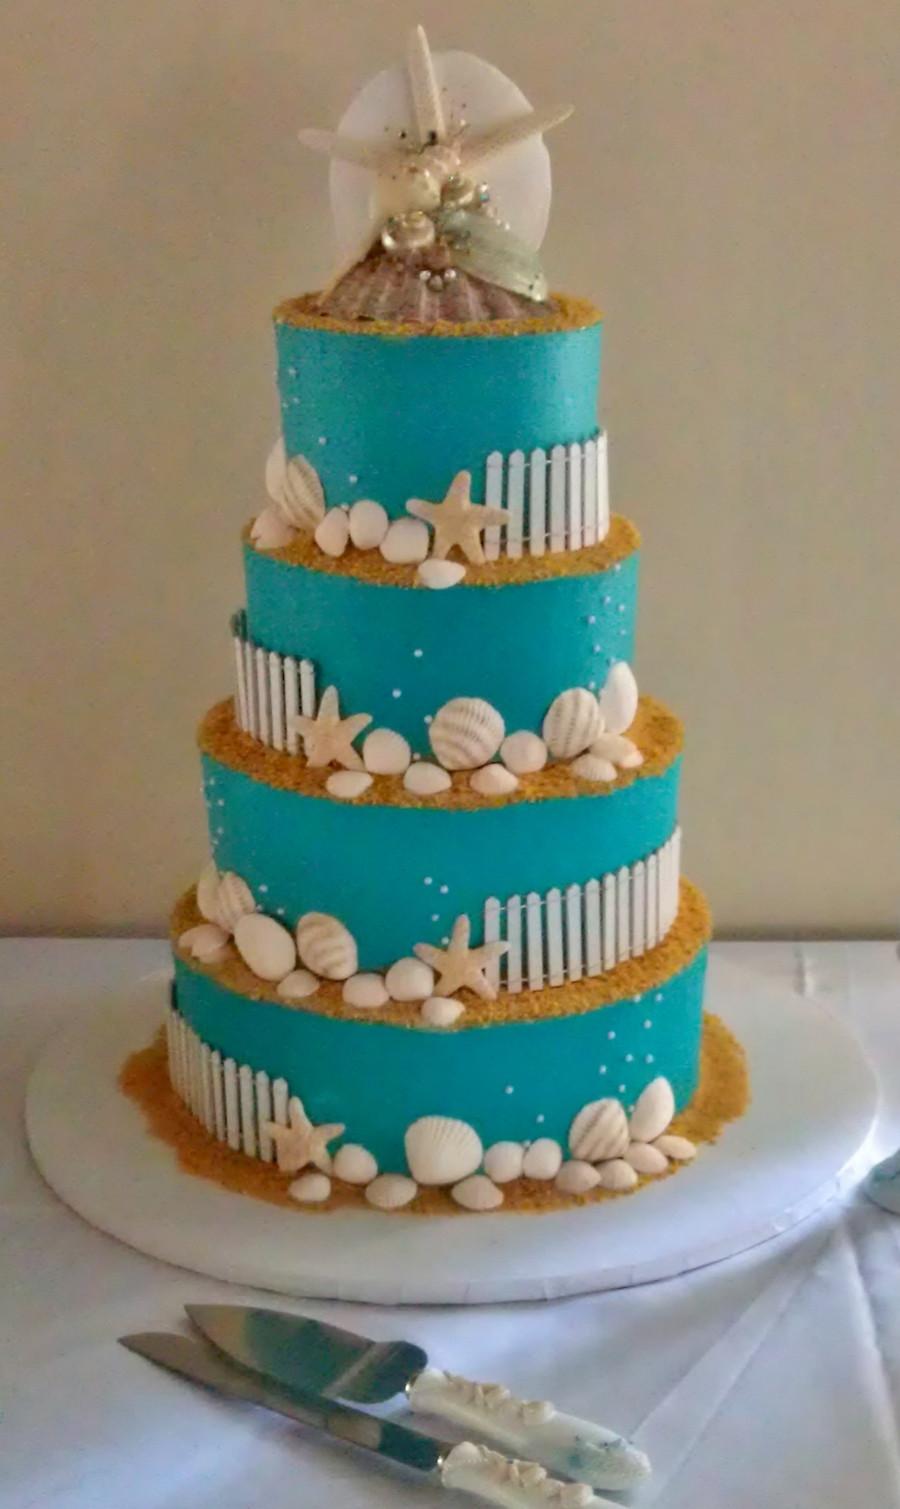 Wedding Cakes Beach Themed  Beach Themed Wedding Cake CakeCentral